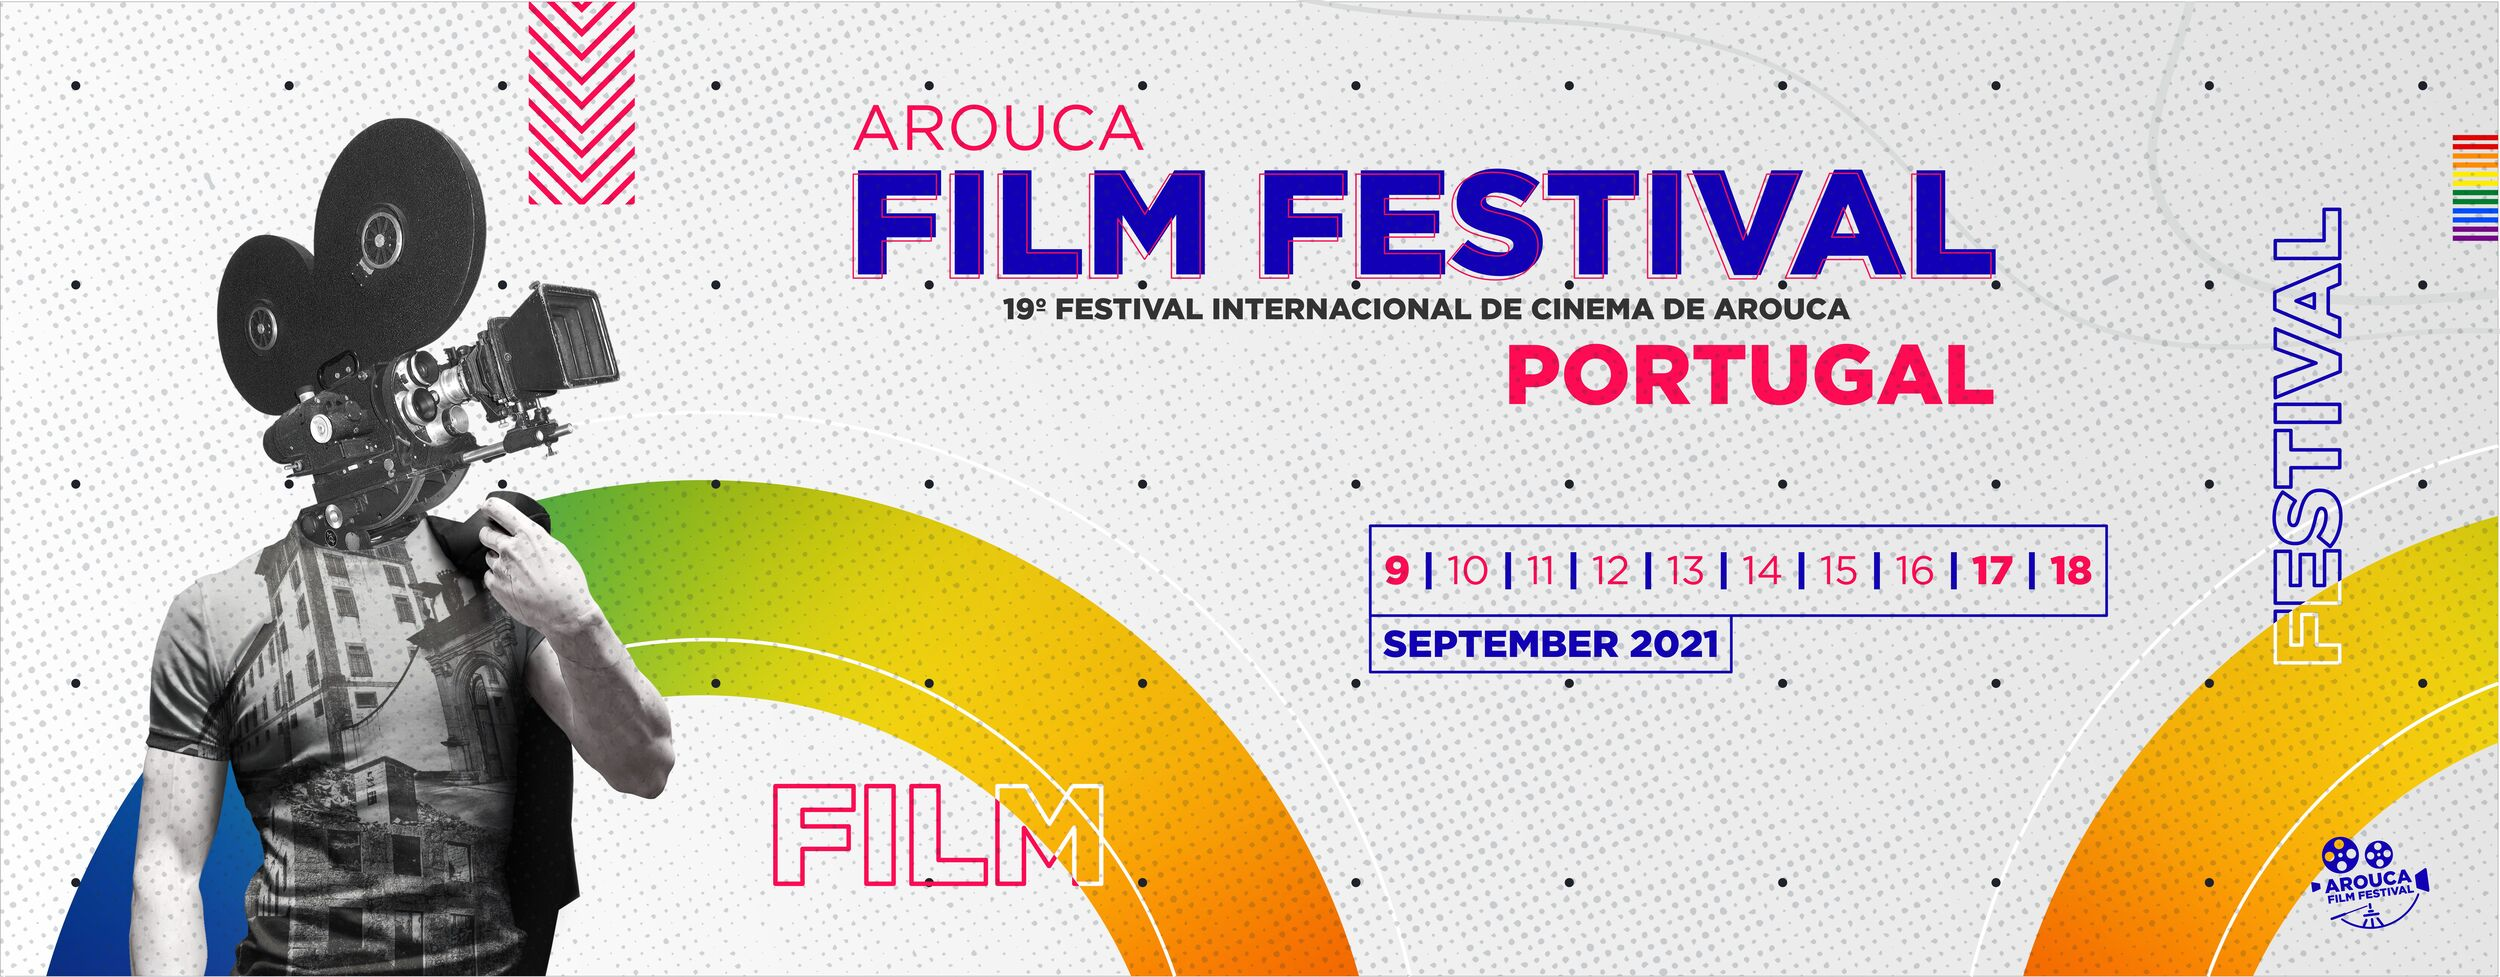 Datas Arouca Film Festival 2021